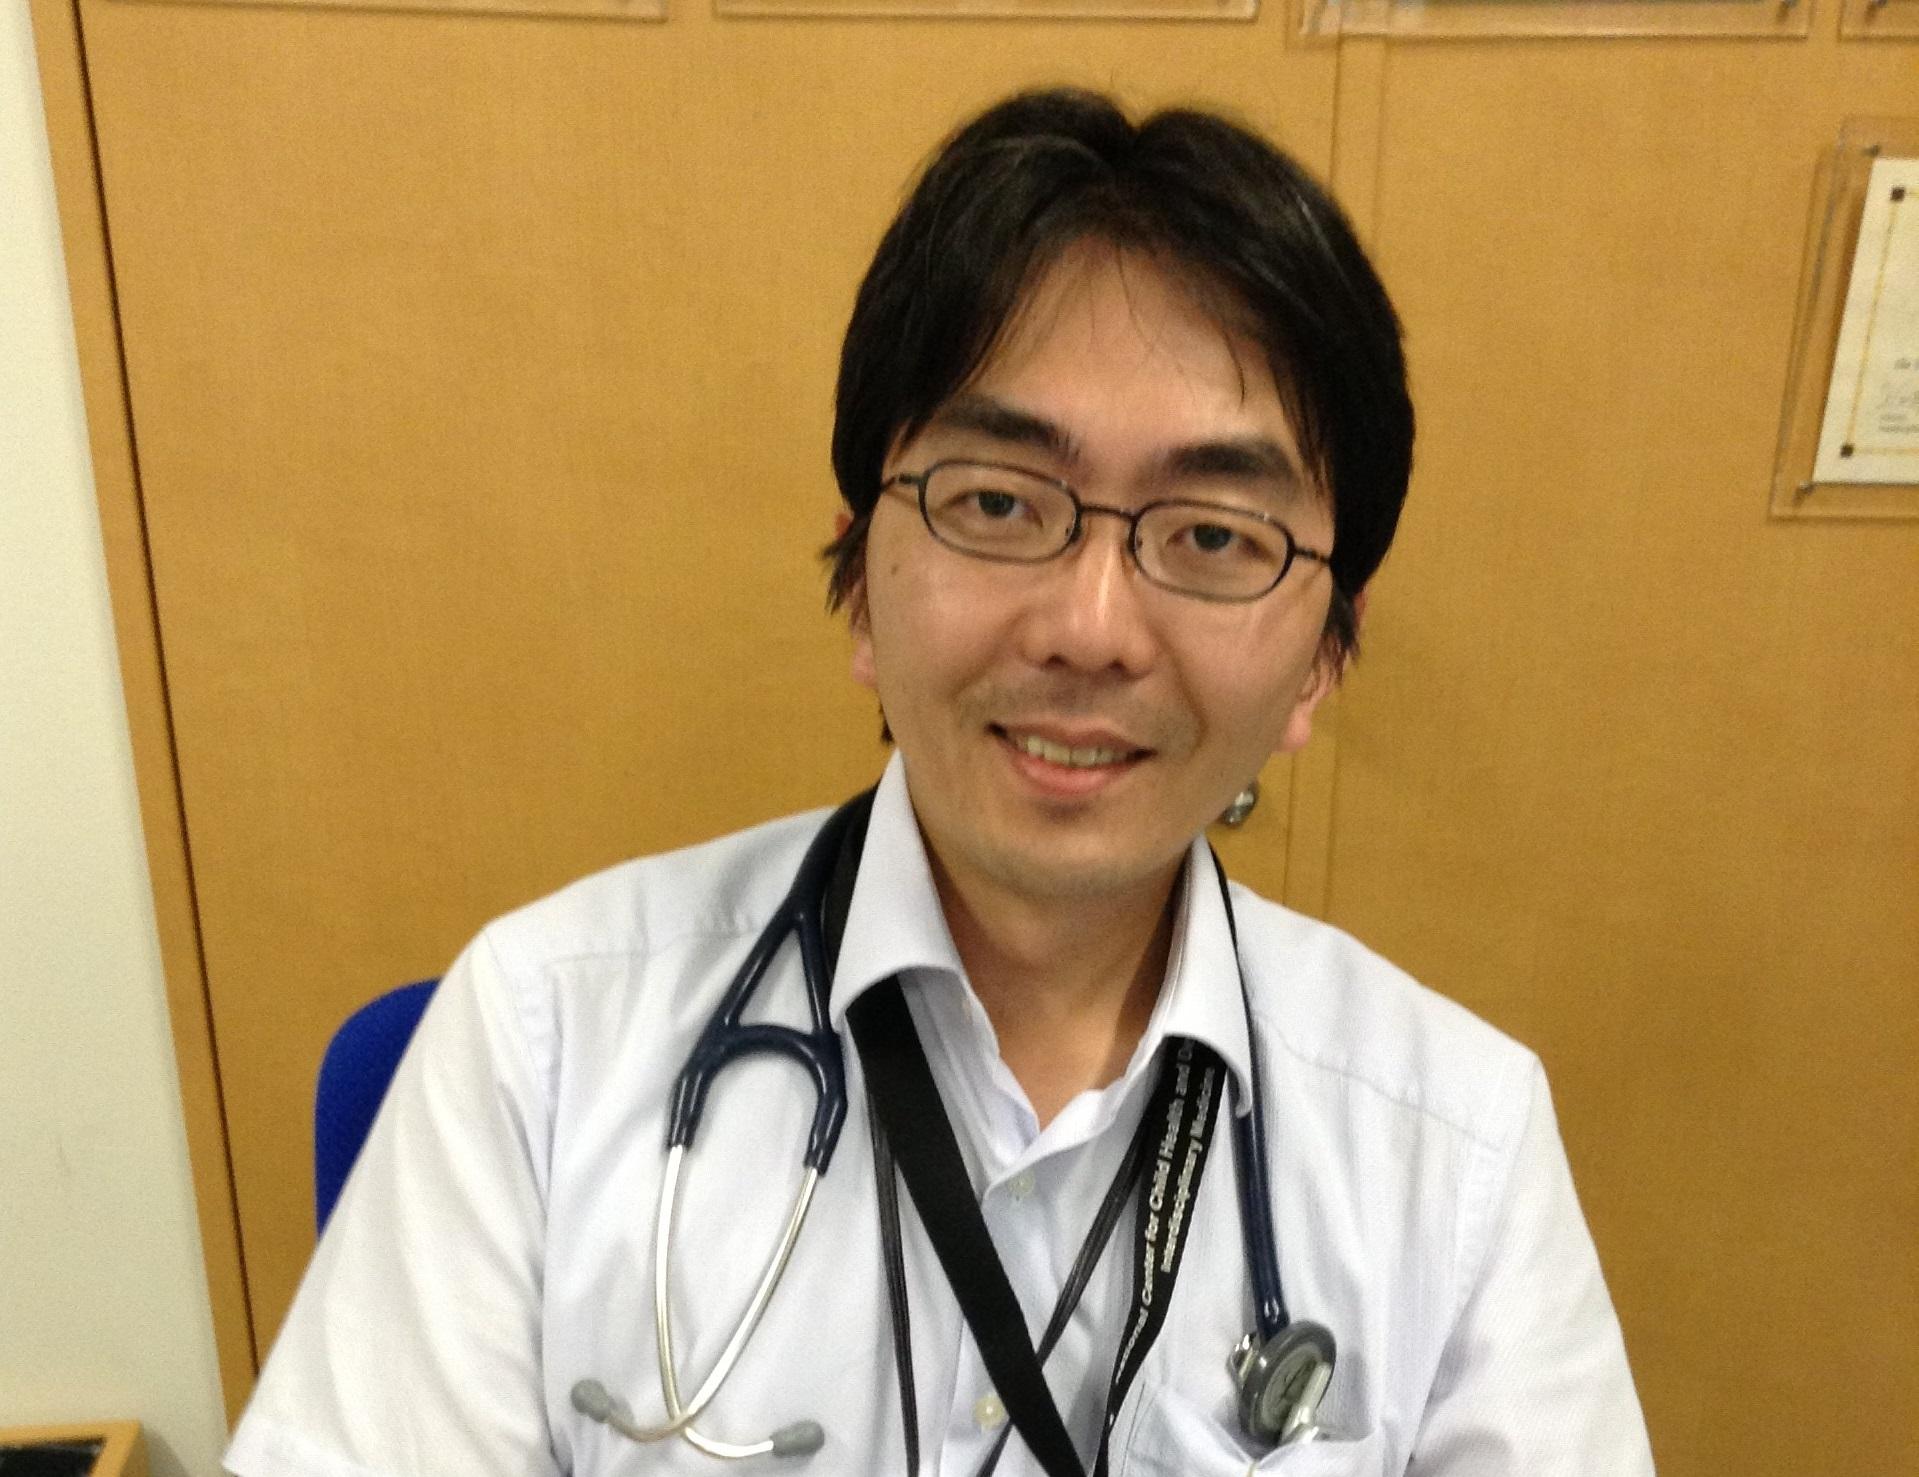 本当にご多忙の中ご教授いただいた宮入先生。しかしながら、その忙しさを感じさせない冷静さと爽やかさはさすがでした。